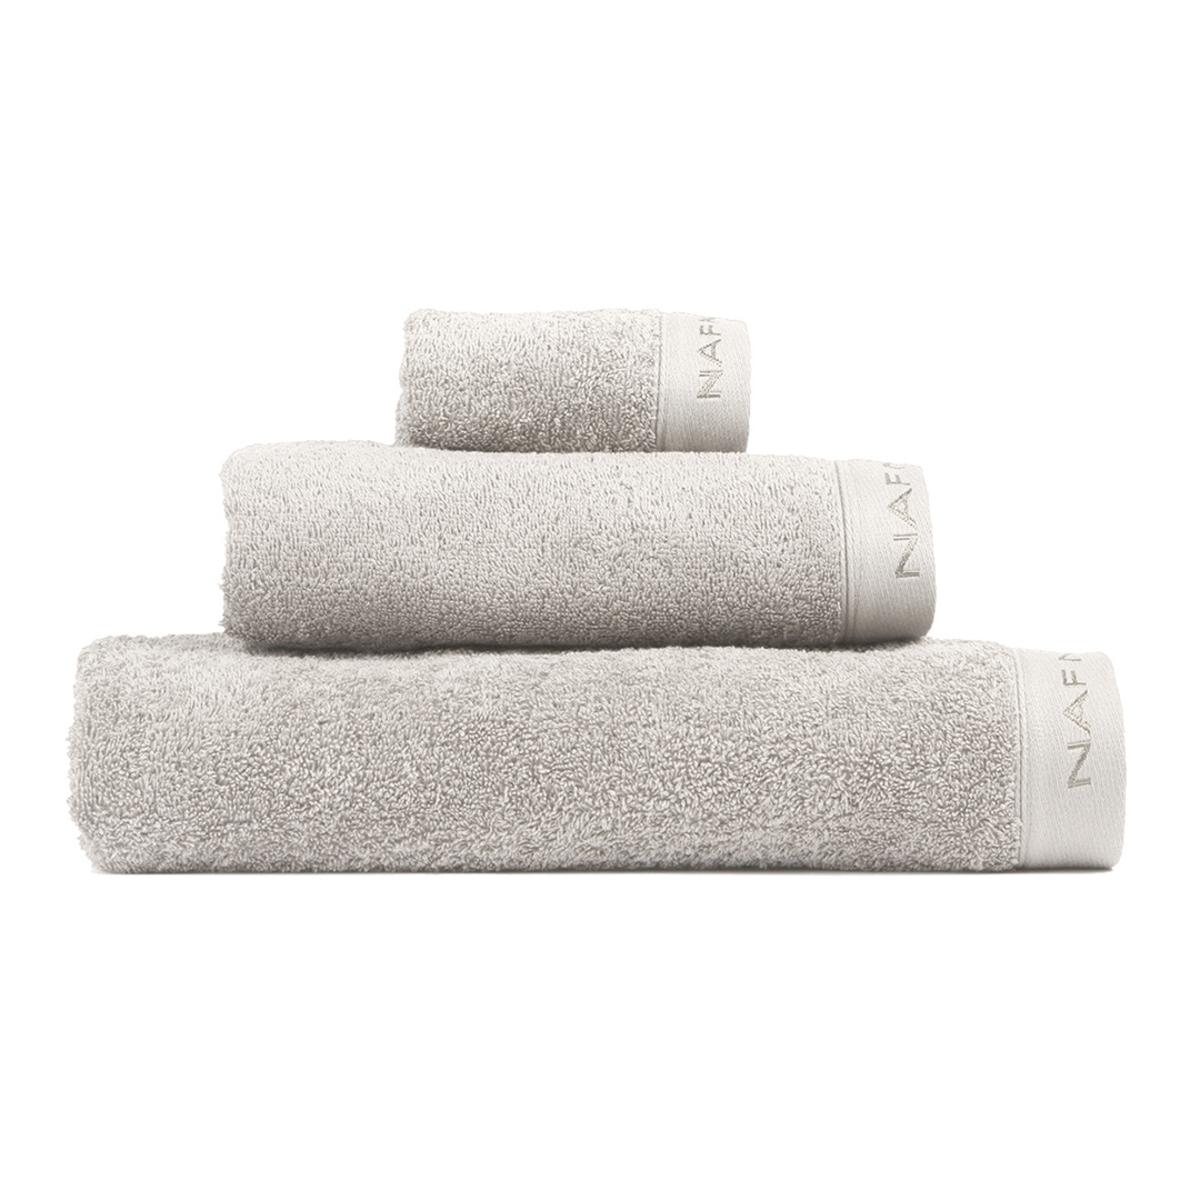 CASUAL - Set de bain trois pièces gris perle